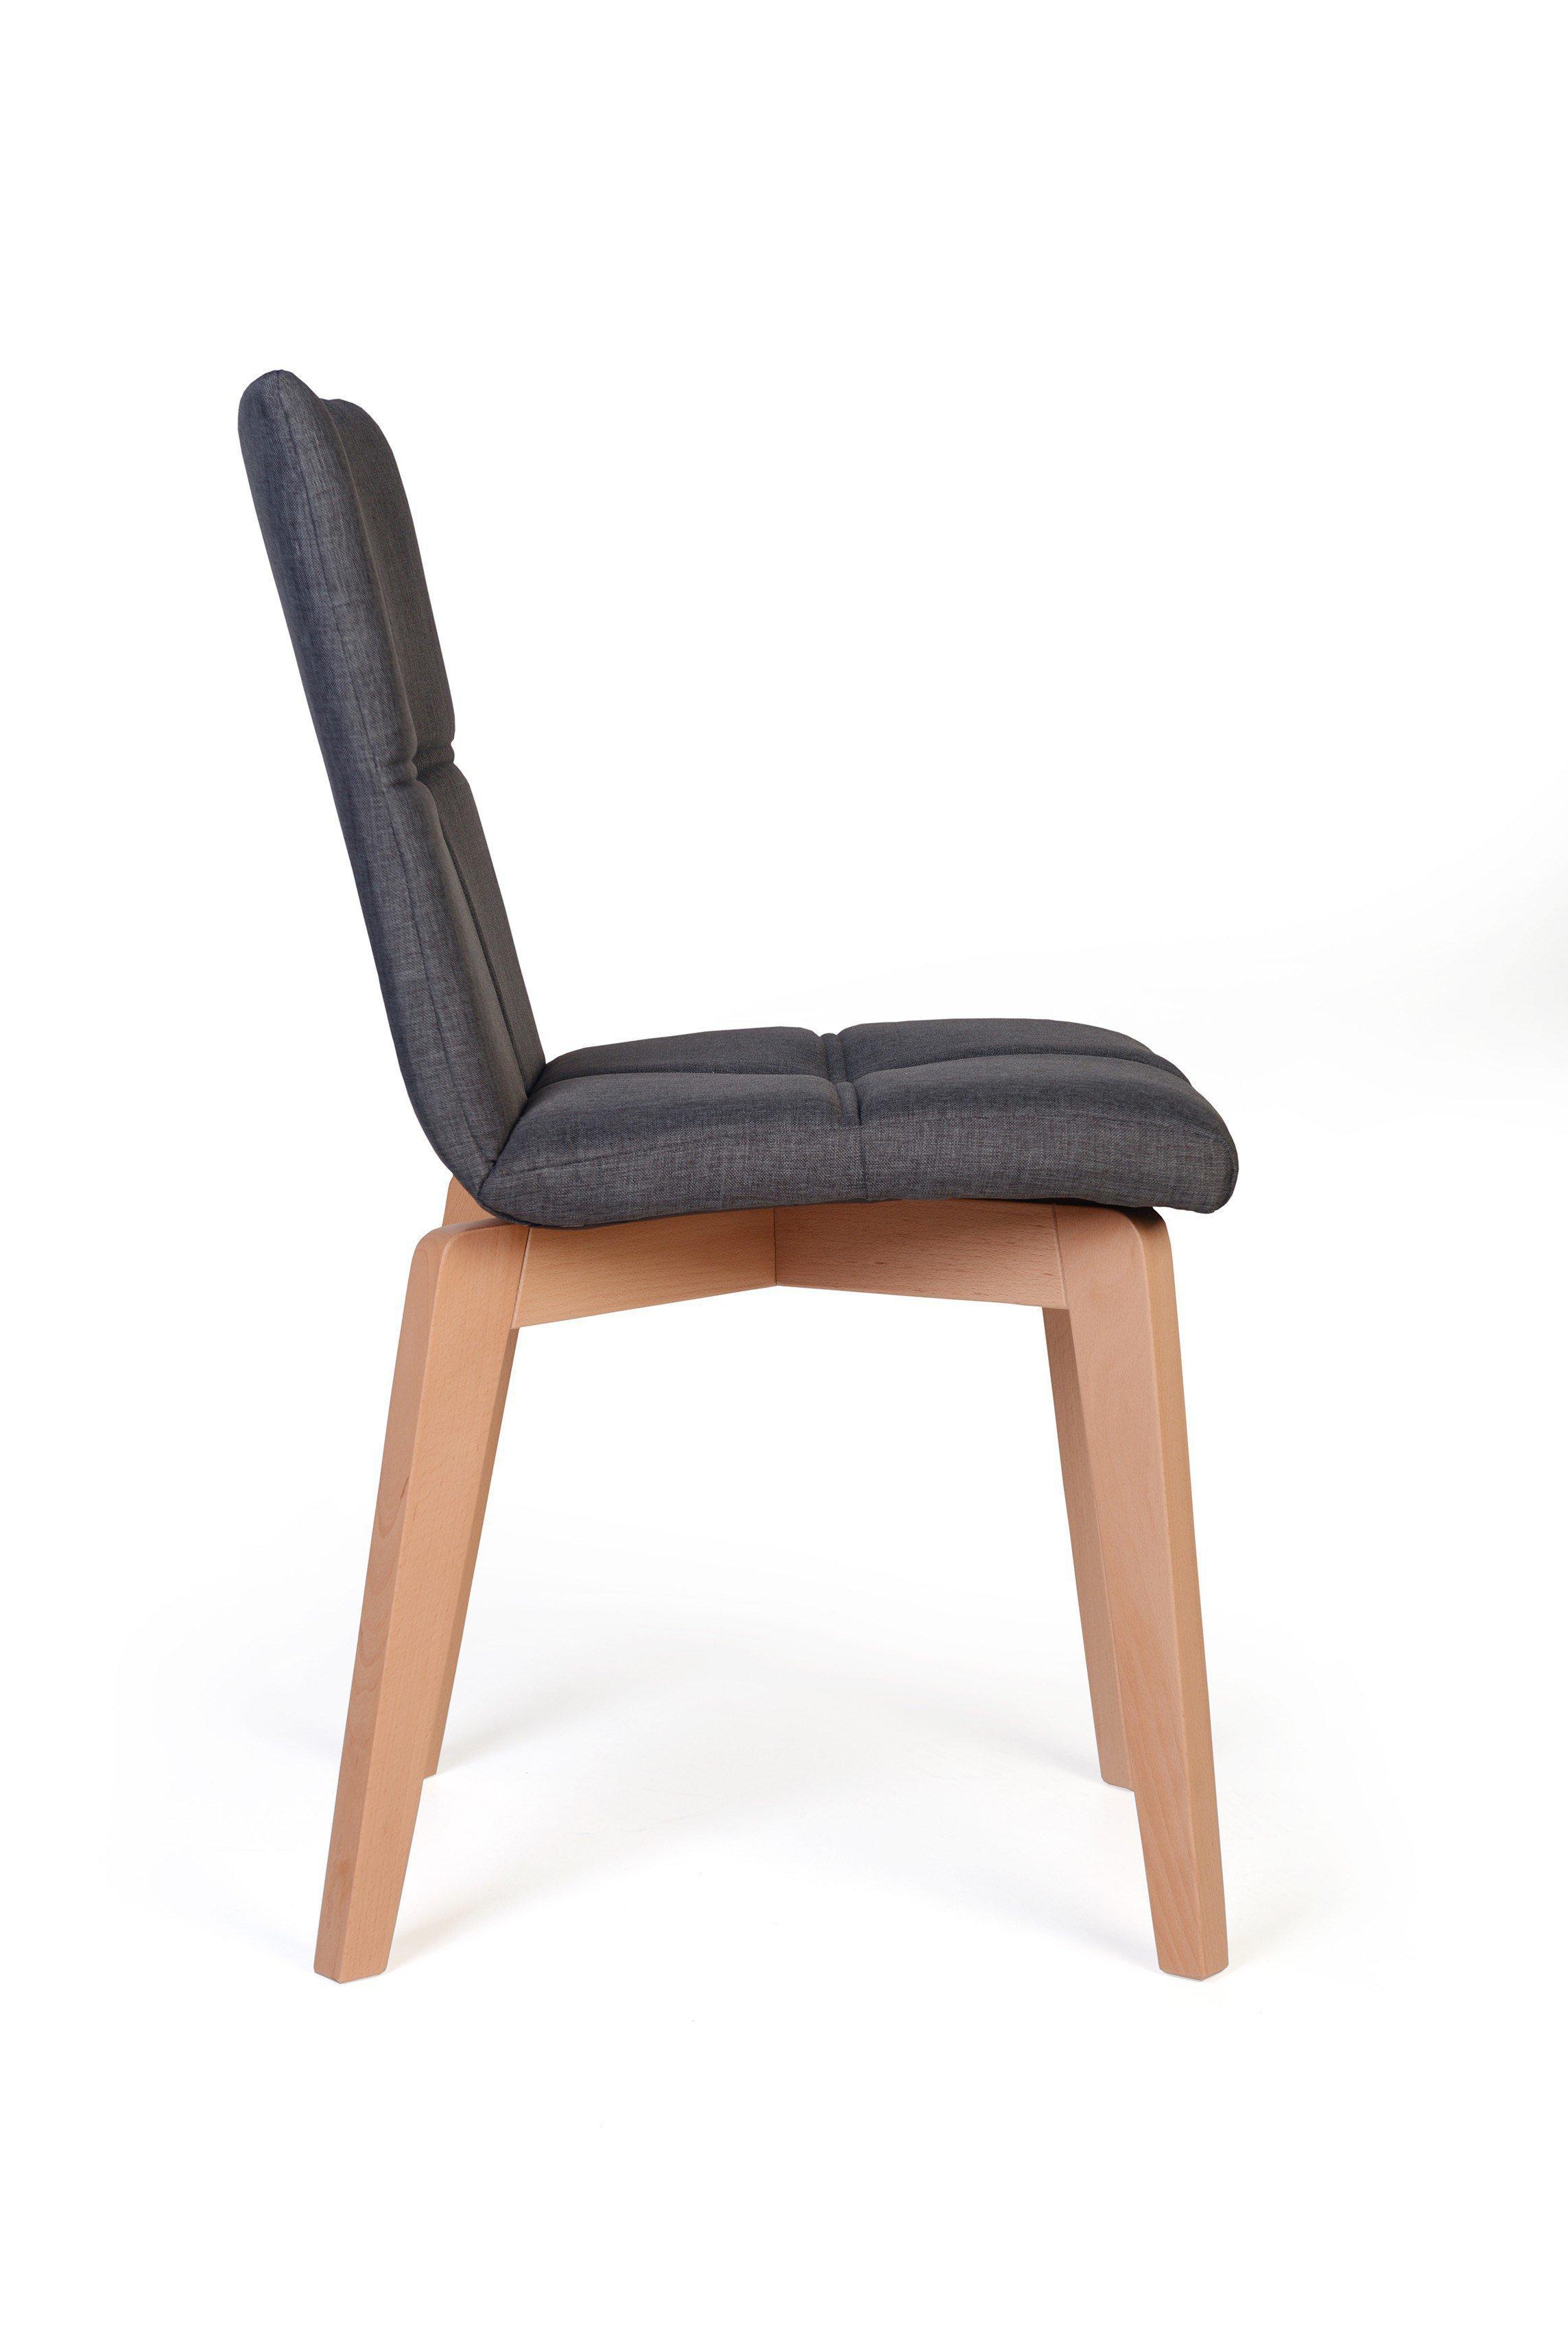 Standard Furniture Stuhl Manon In Grau Mobel Letz Ihr Online Shop